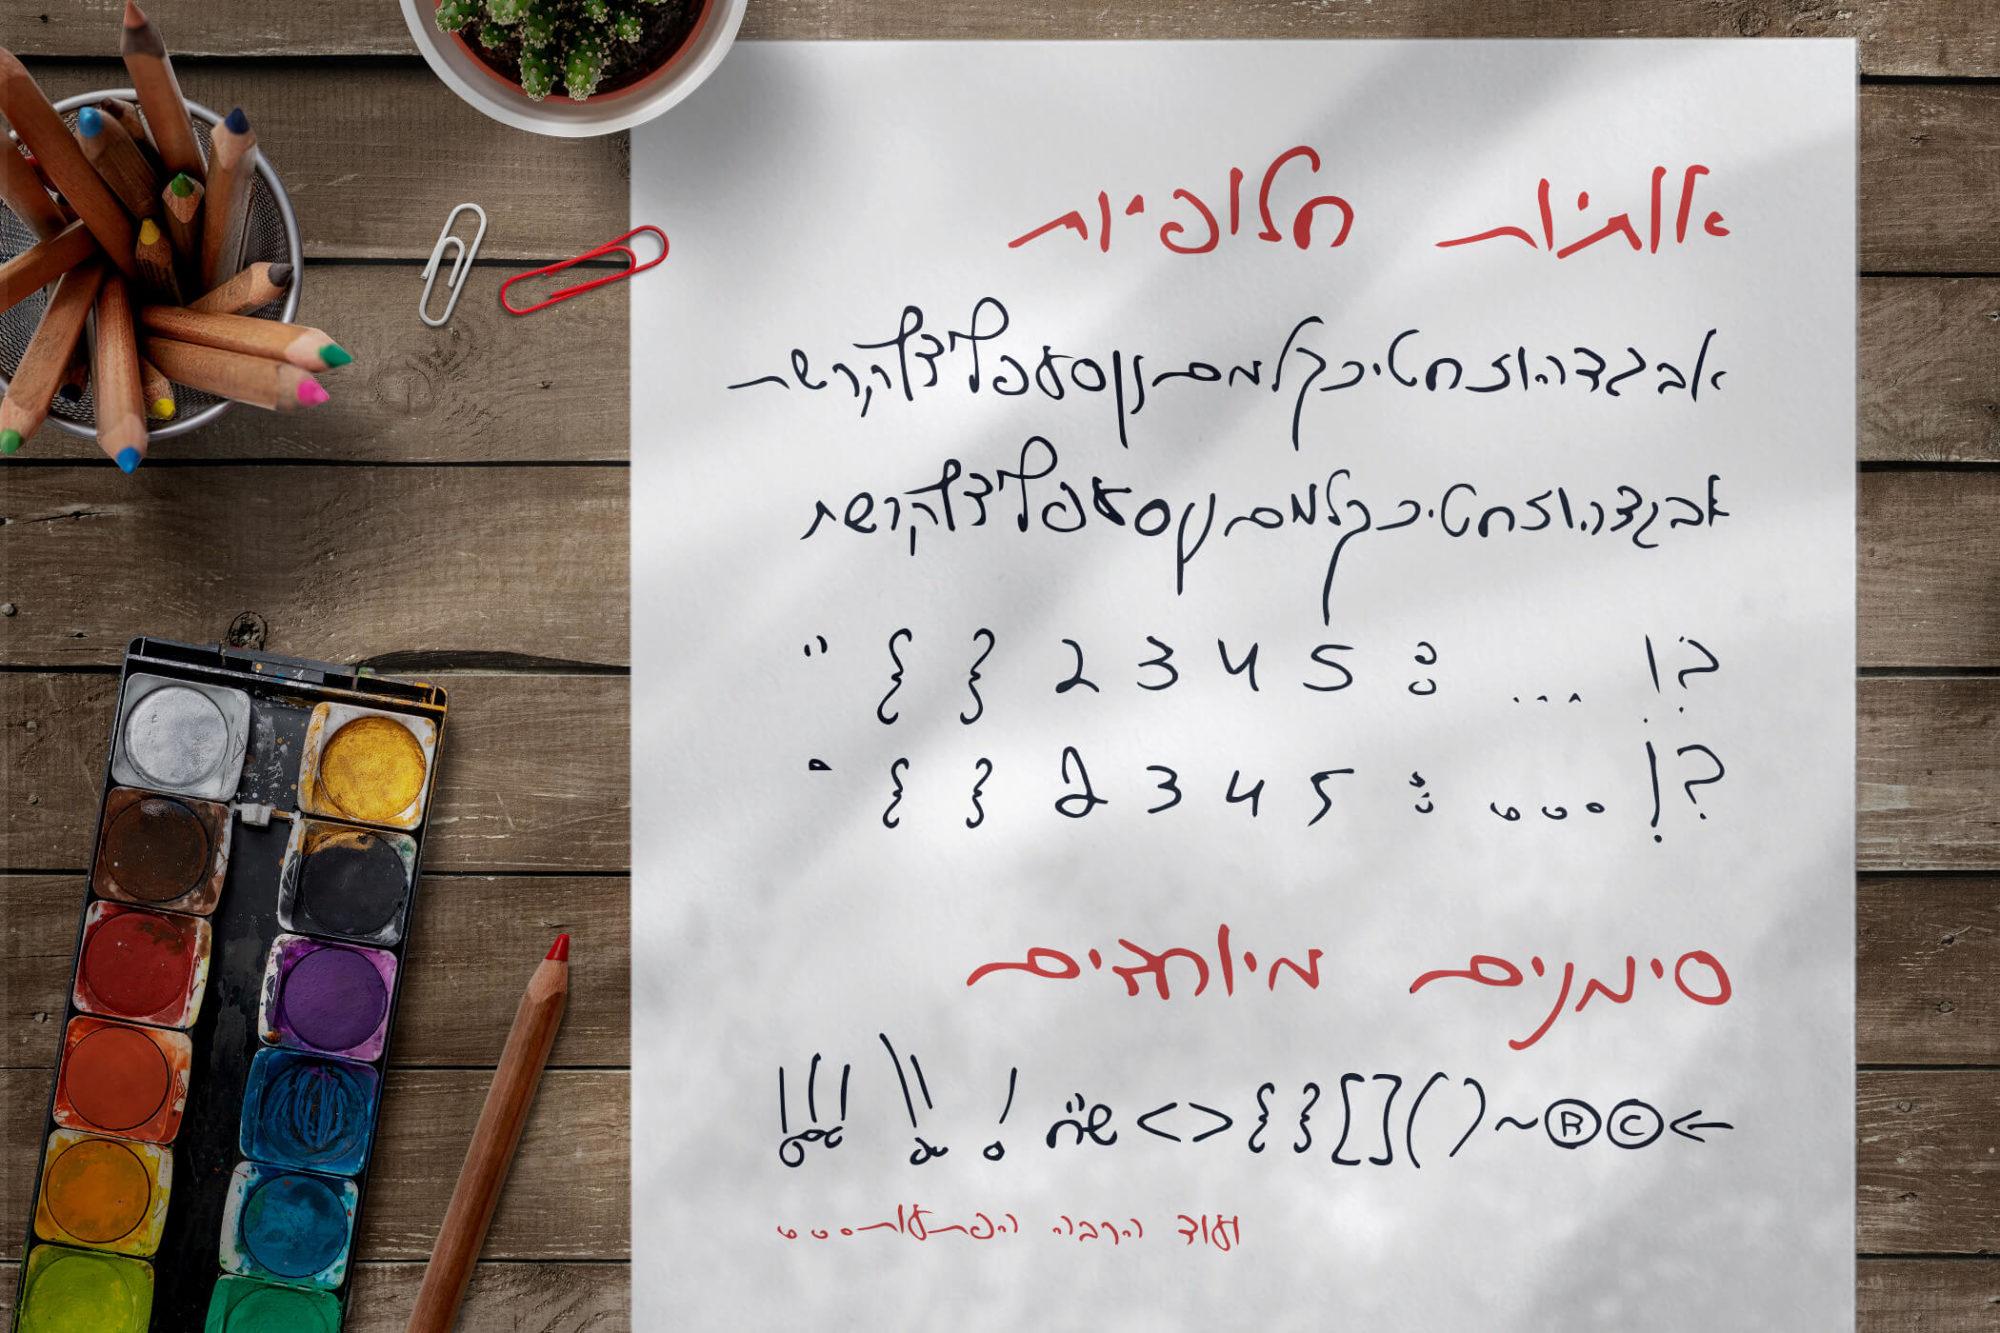 פונט פיל כחול מכיל סט נוסף של אותיות חלופיות בכתב־יד, סימנים מיוחדים ושימושיים ועוד הפתעות.